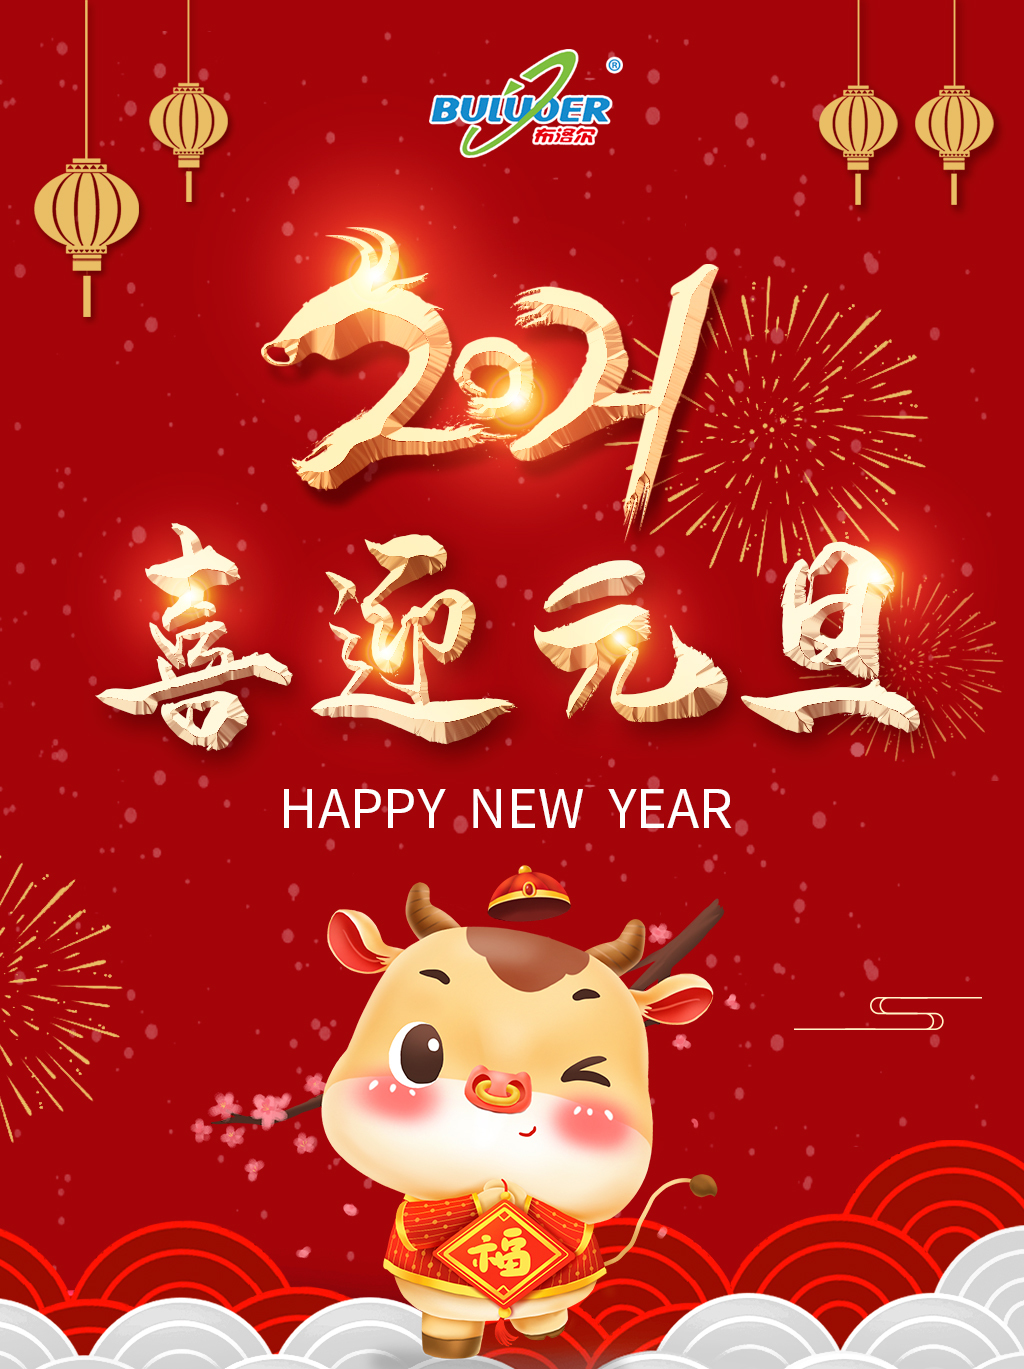 布洛尔激光切割机厂家祝您2021年元旦快乐!